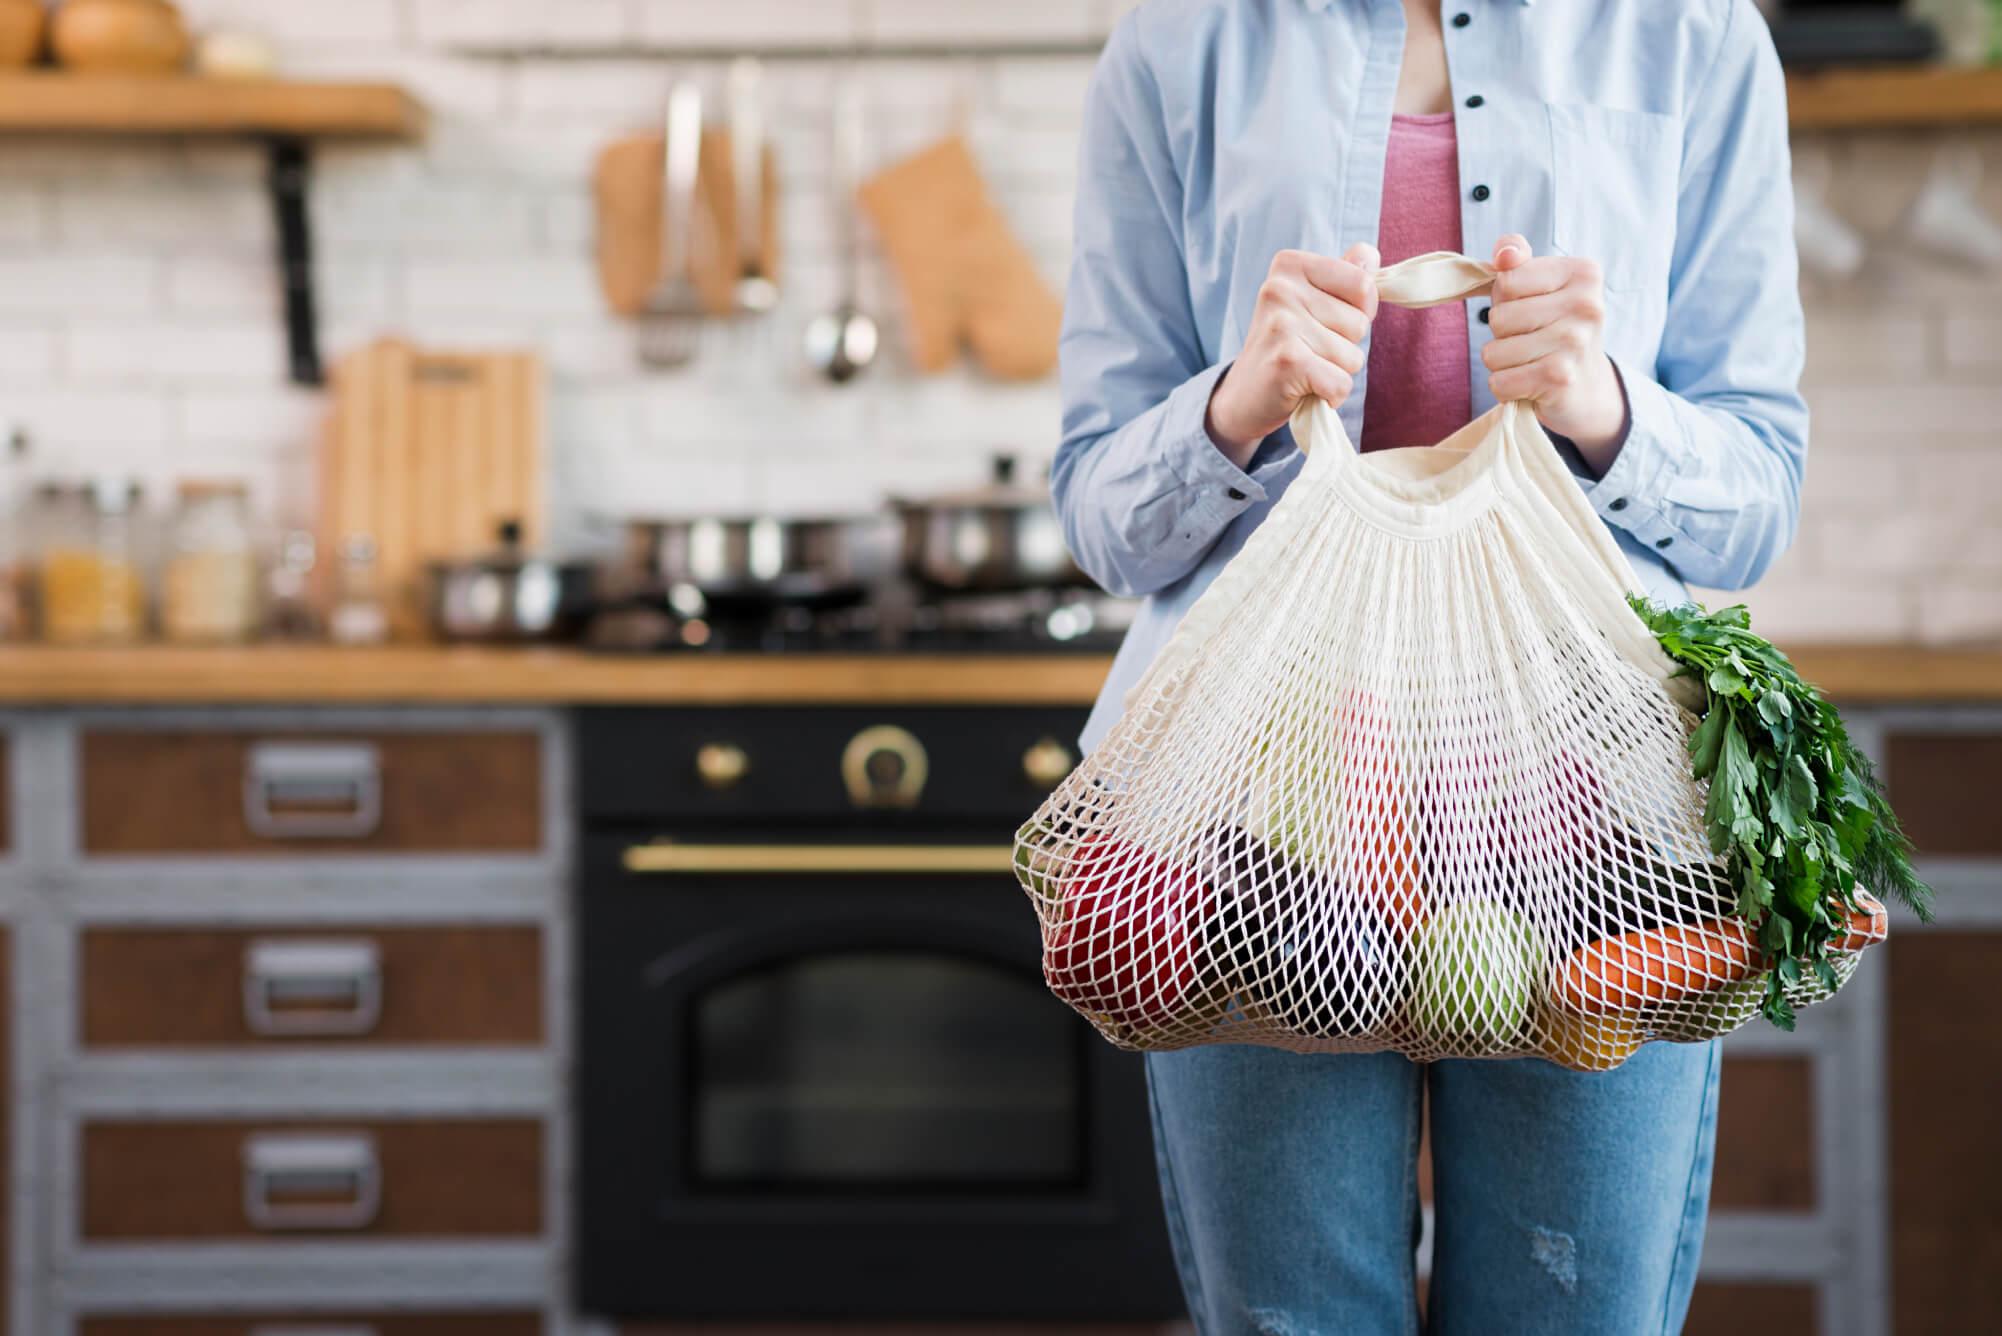 Shopper Psychology and Sustainability